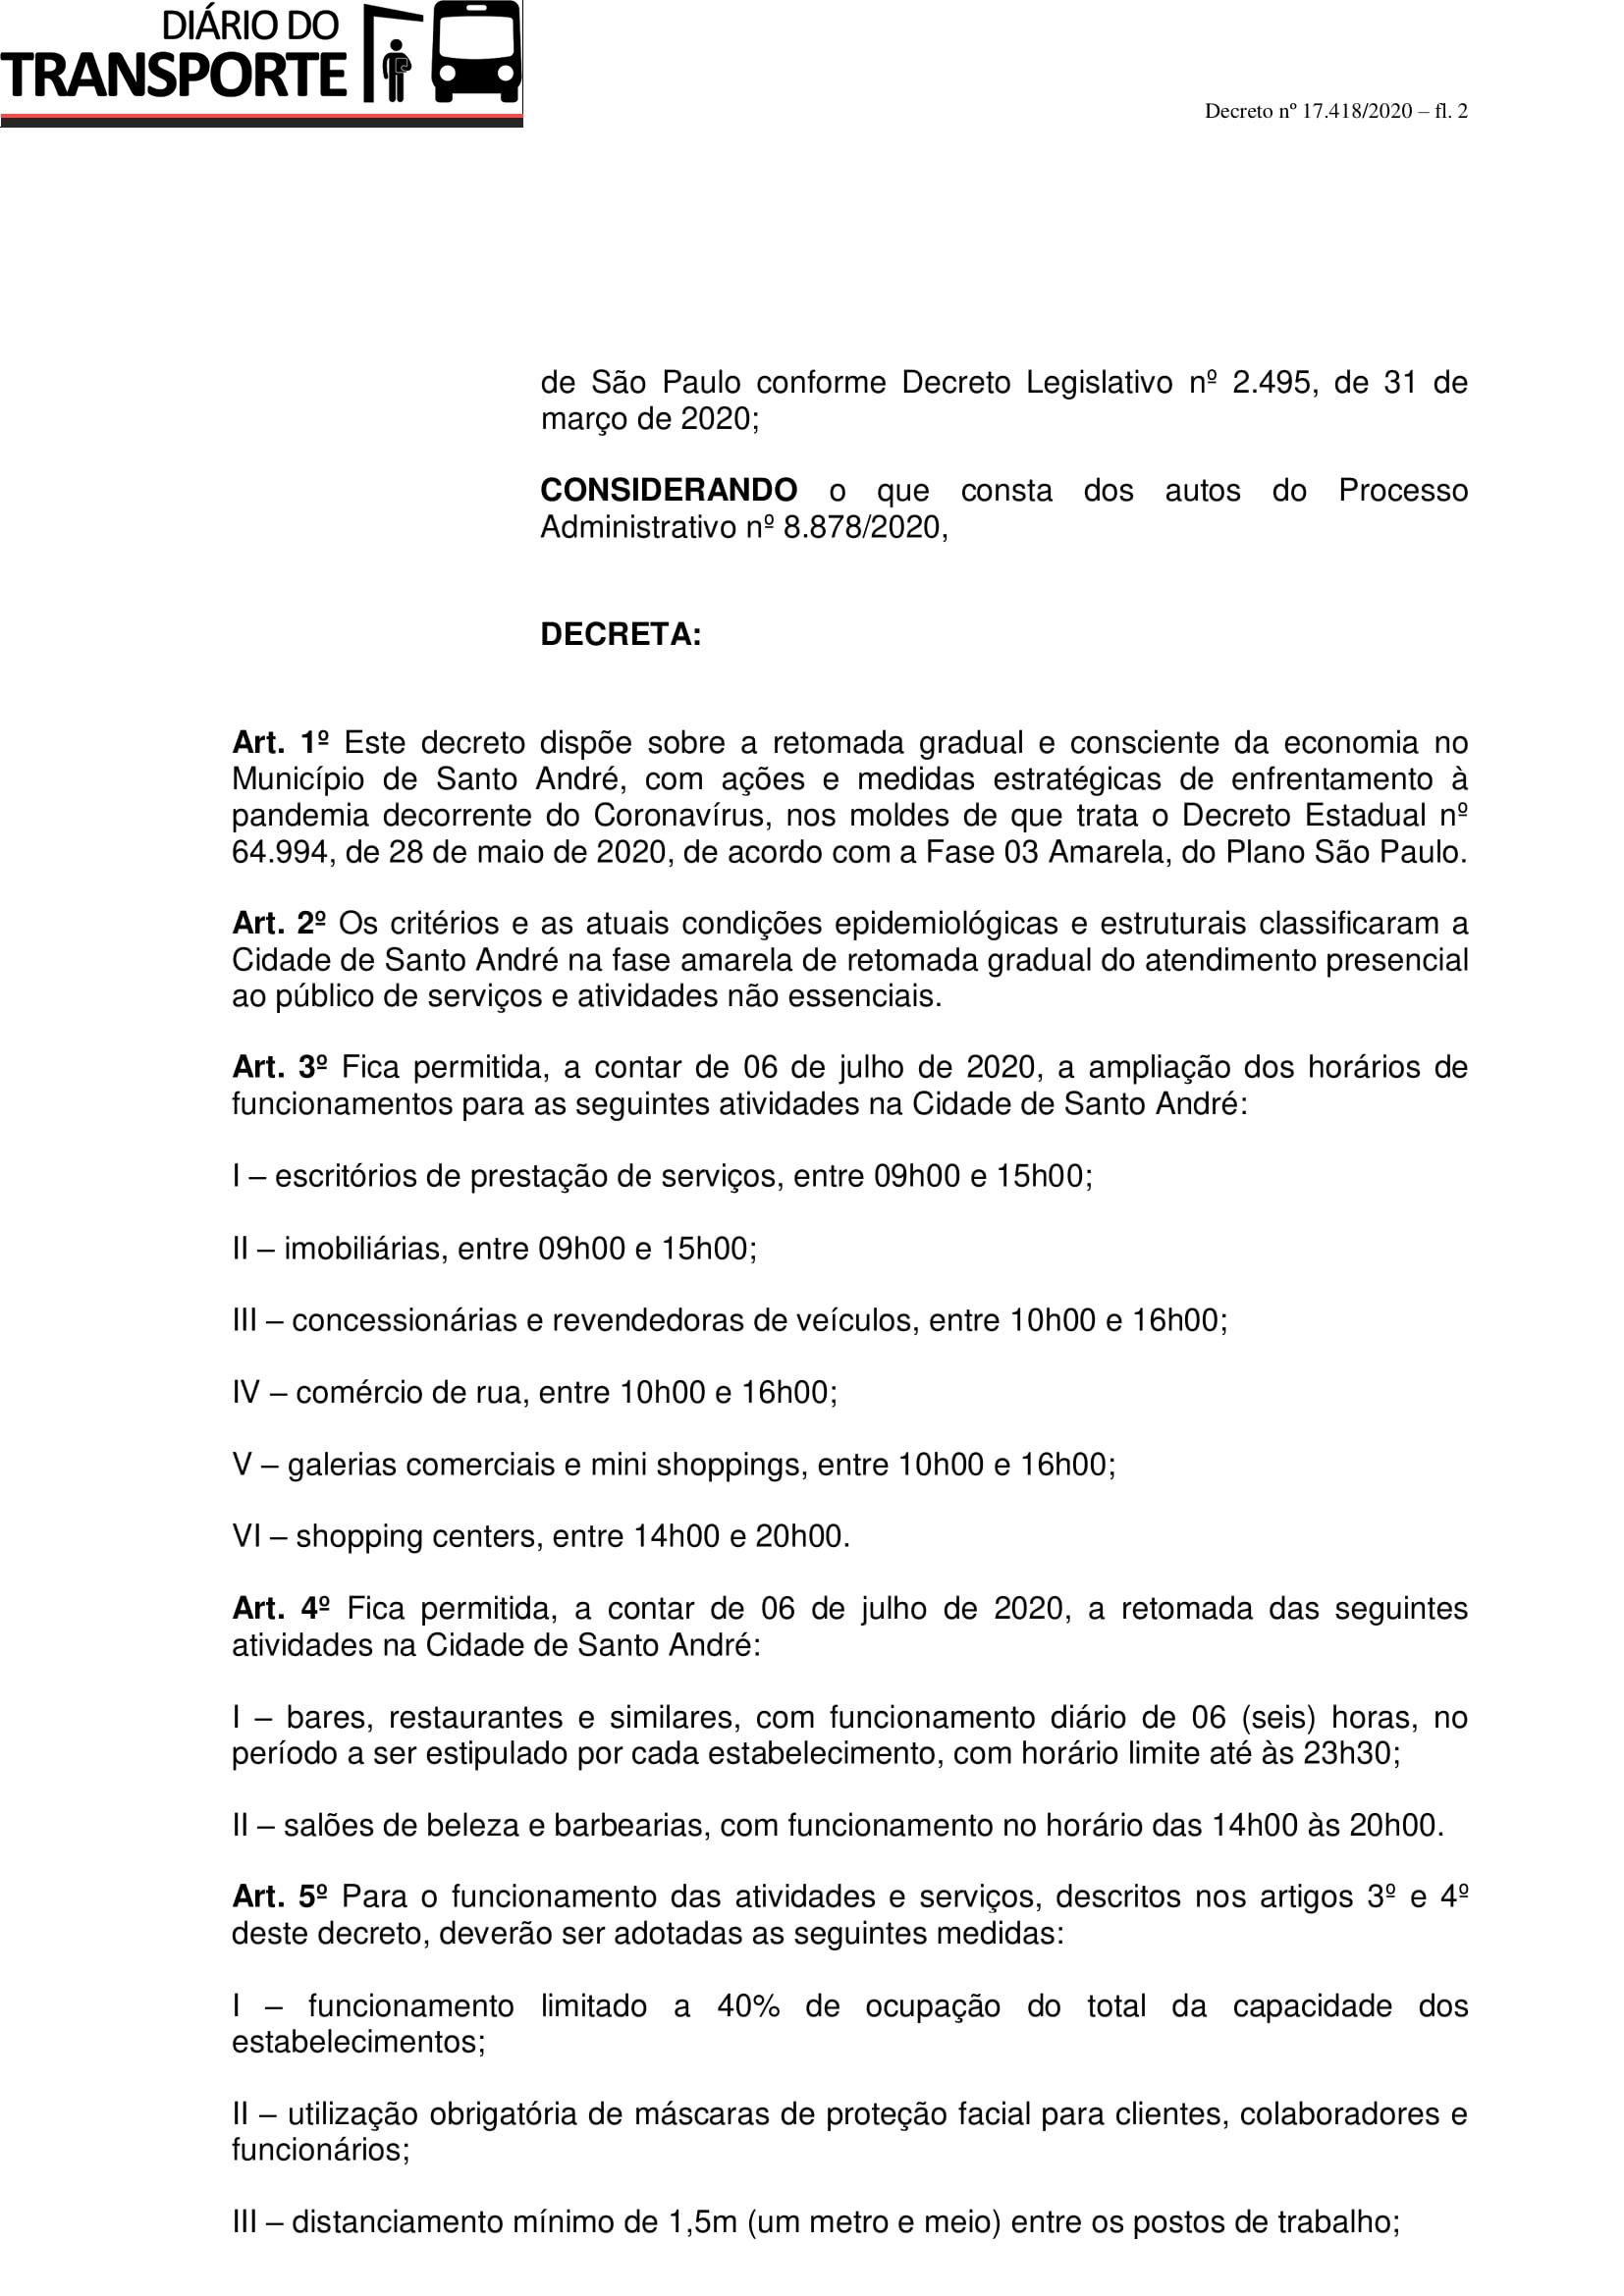 Decreto nº 17.418 (Retomada gradual e consciente da economia - fase amarela)-2